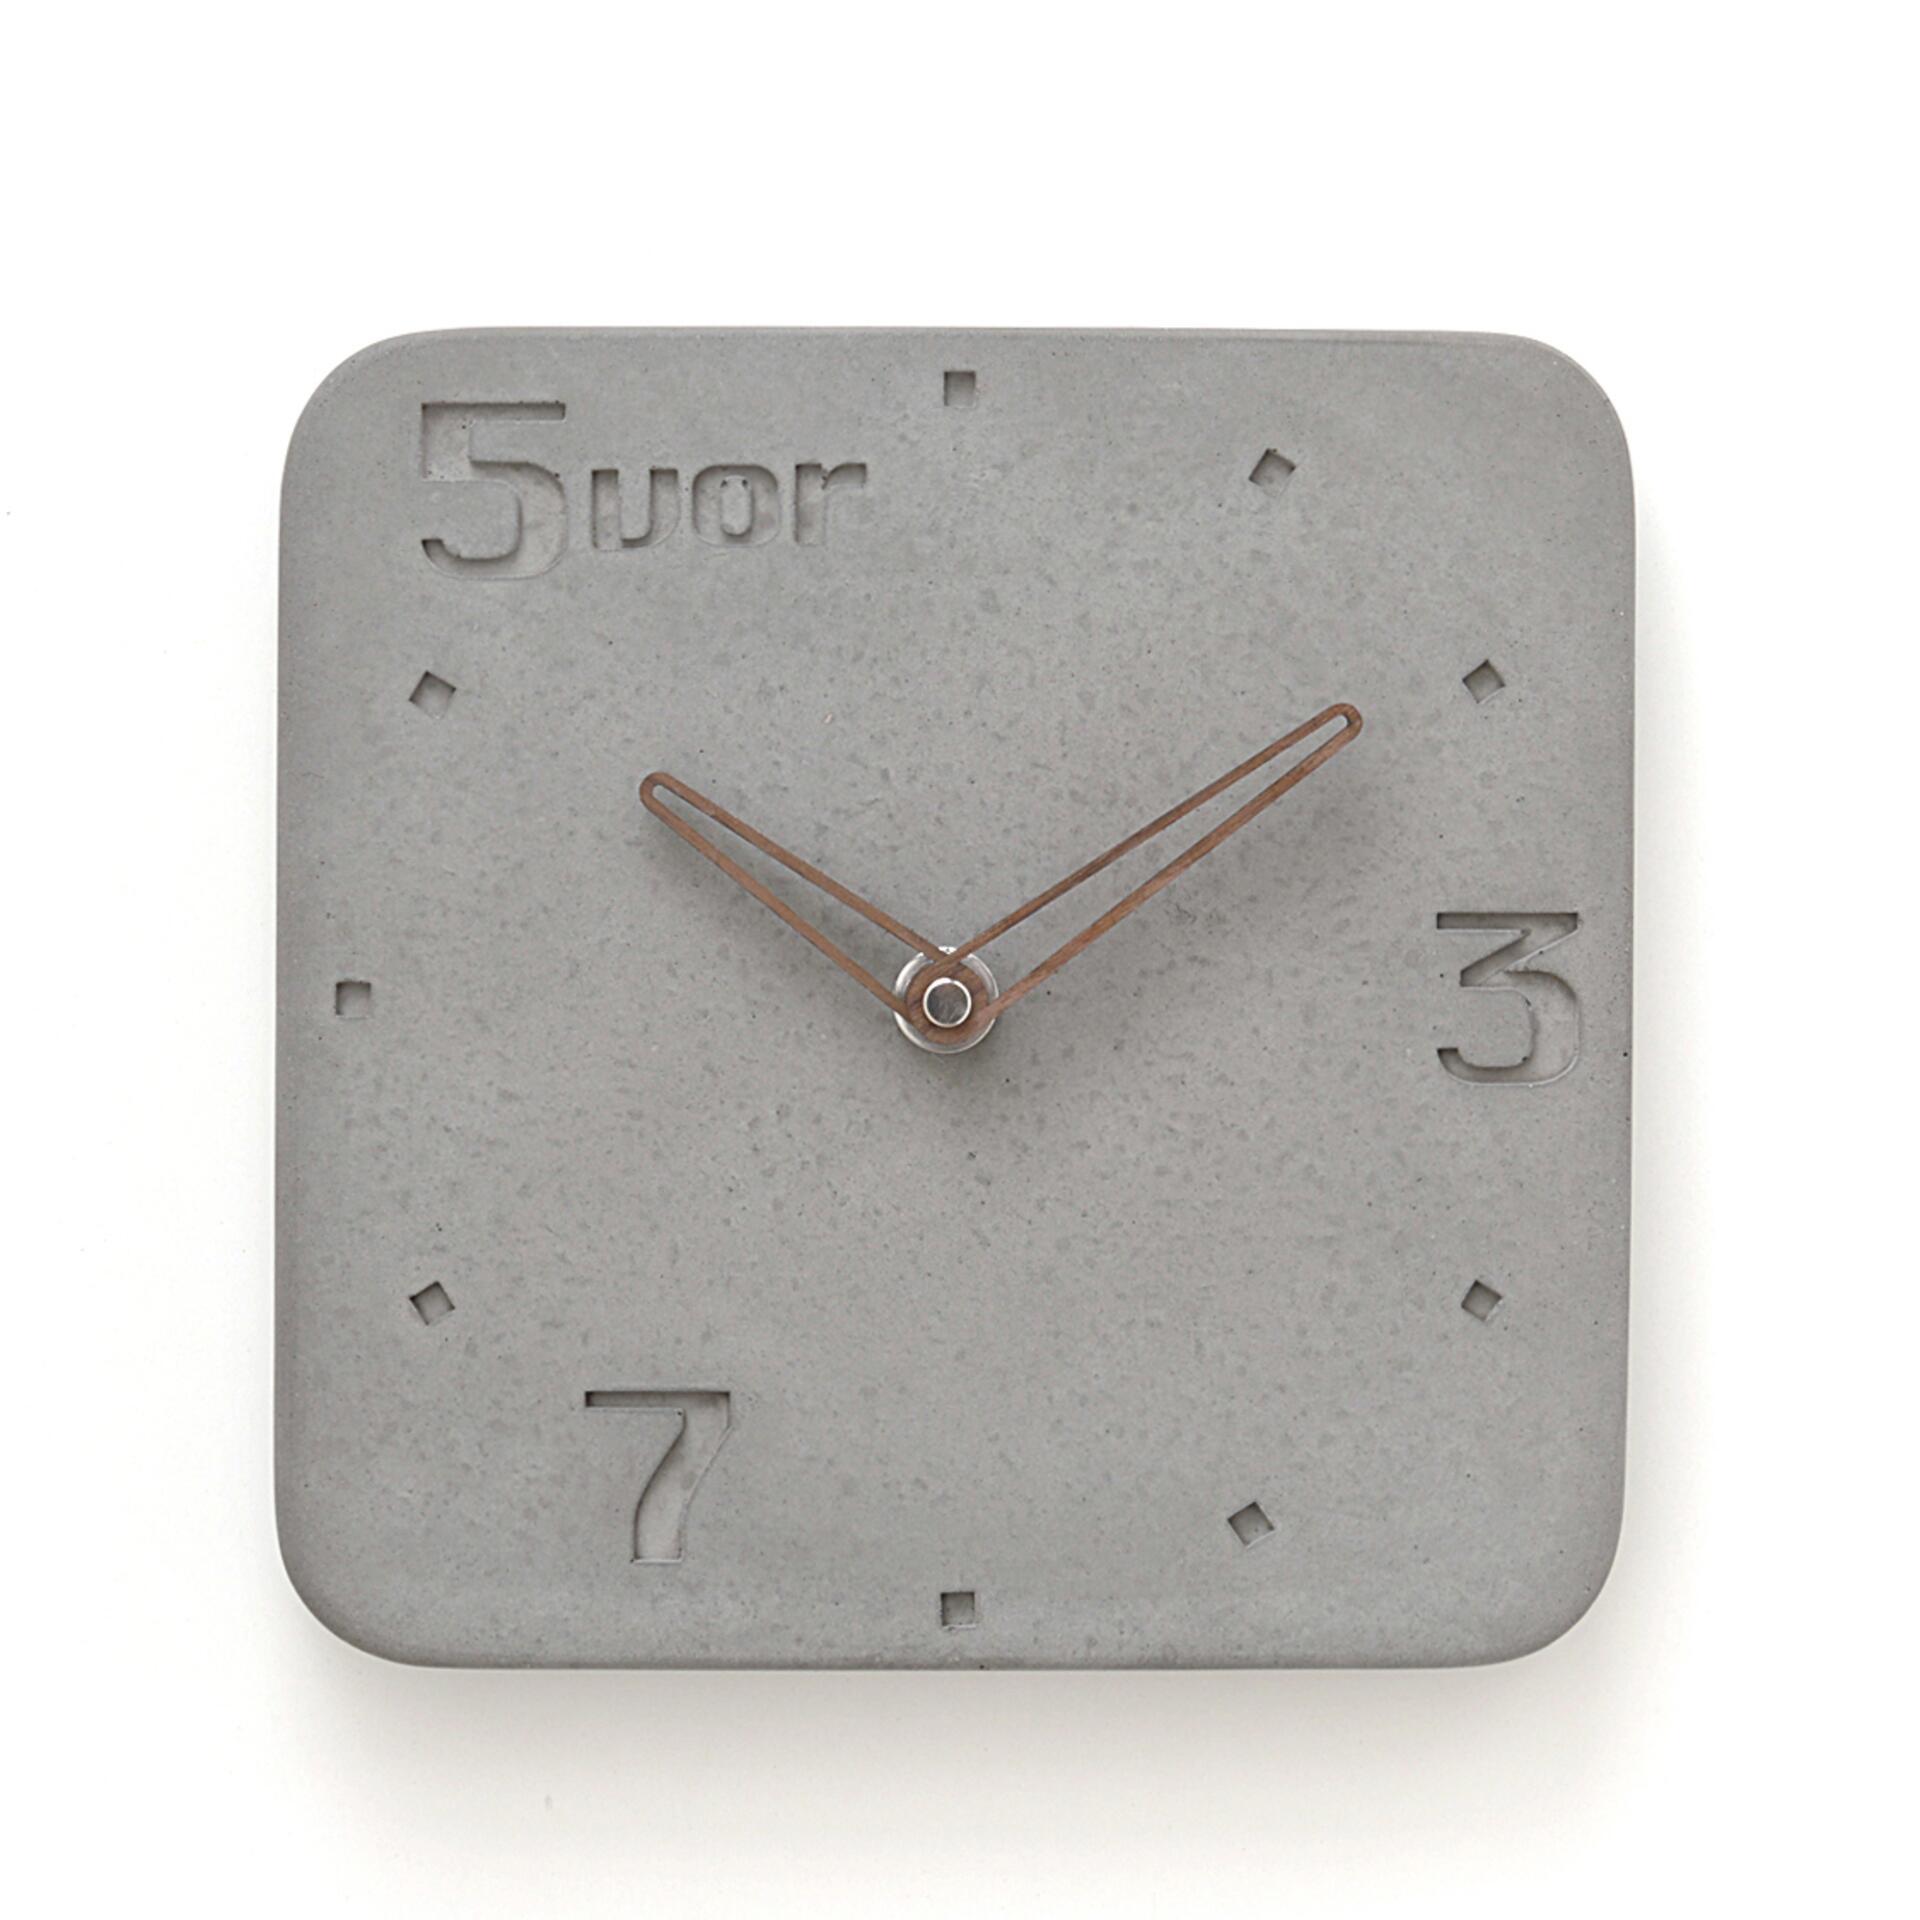 Wertwerke Designuhr aus Beton 5VOR Grau 30 x 30 cm Nussbaum Rahmen